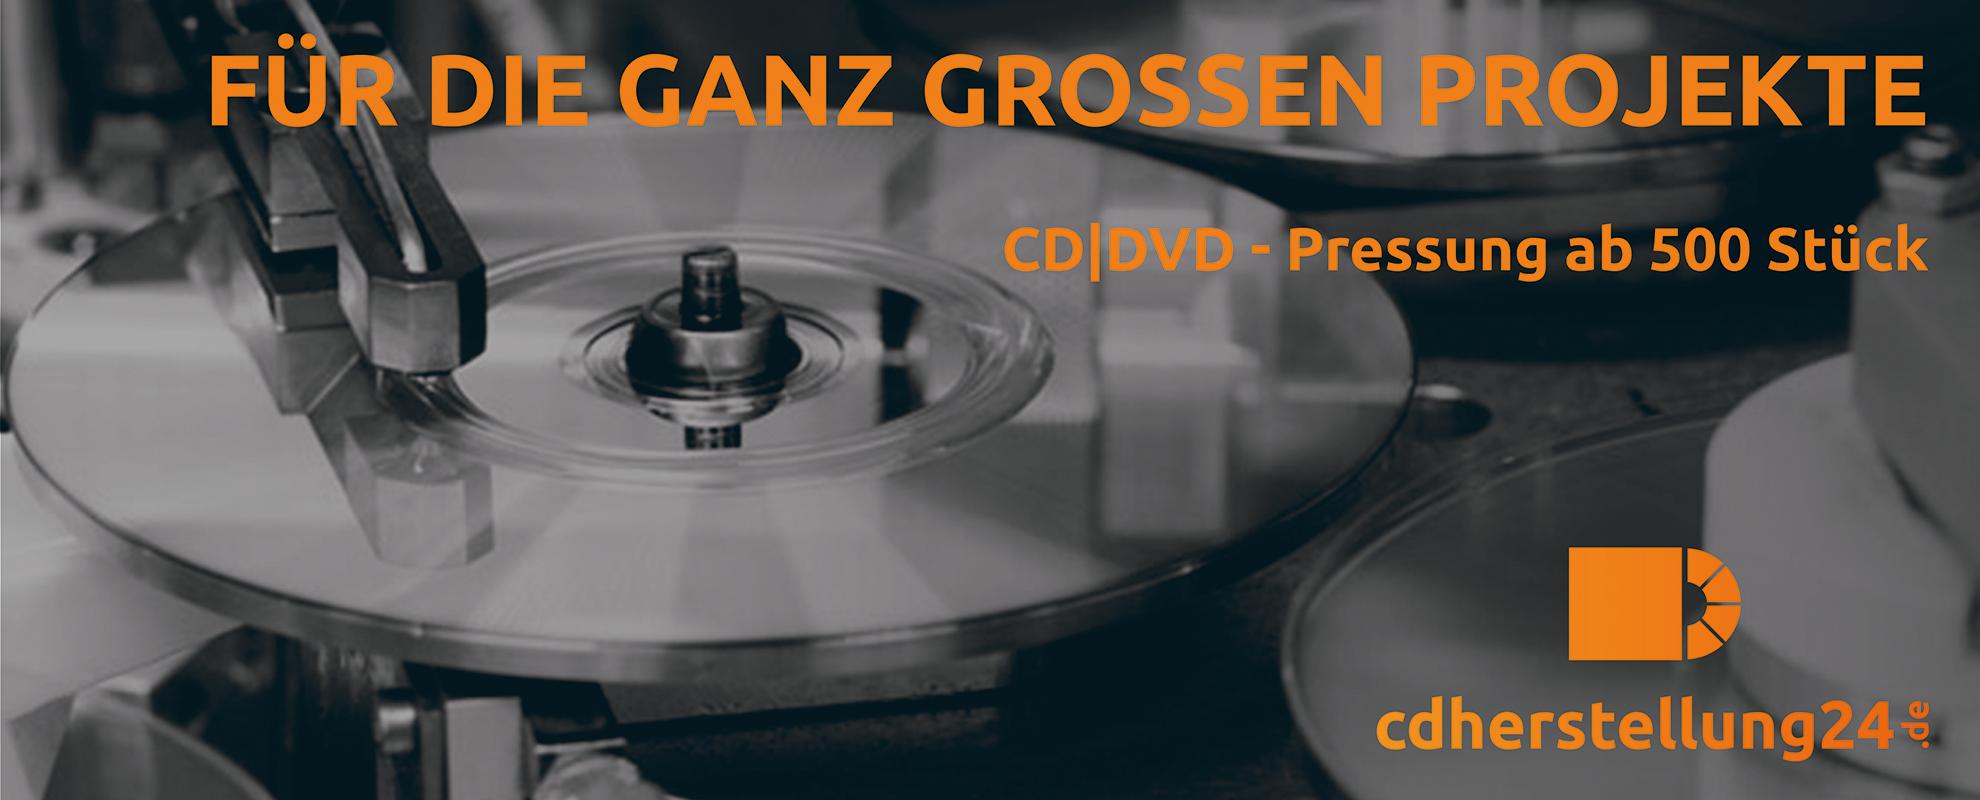 DVD-Pressung von cdherstellung24 - günstig und schnell